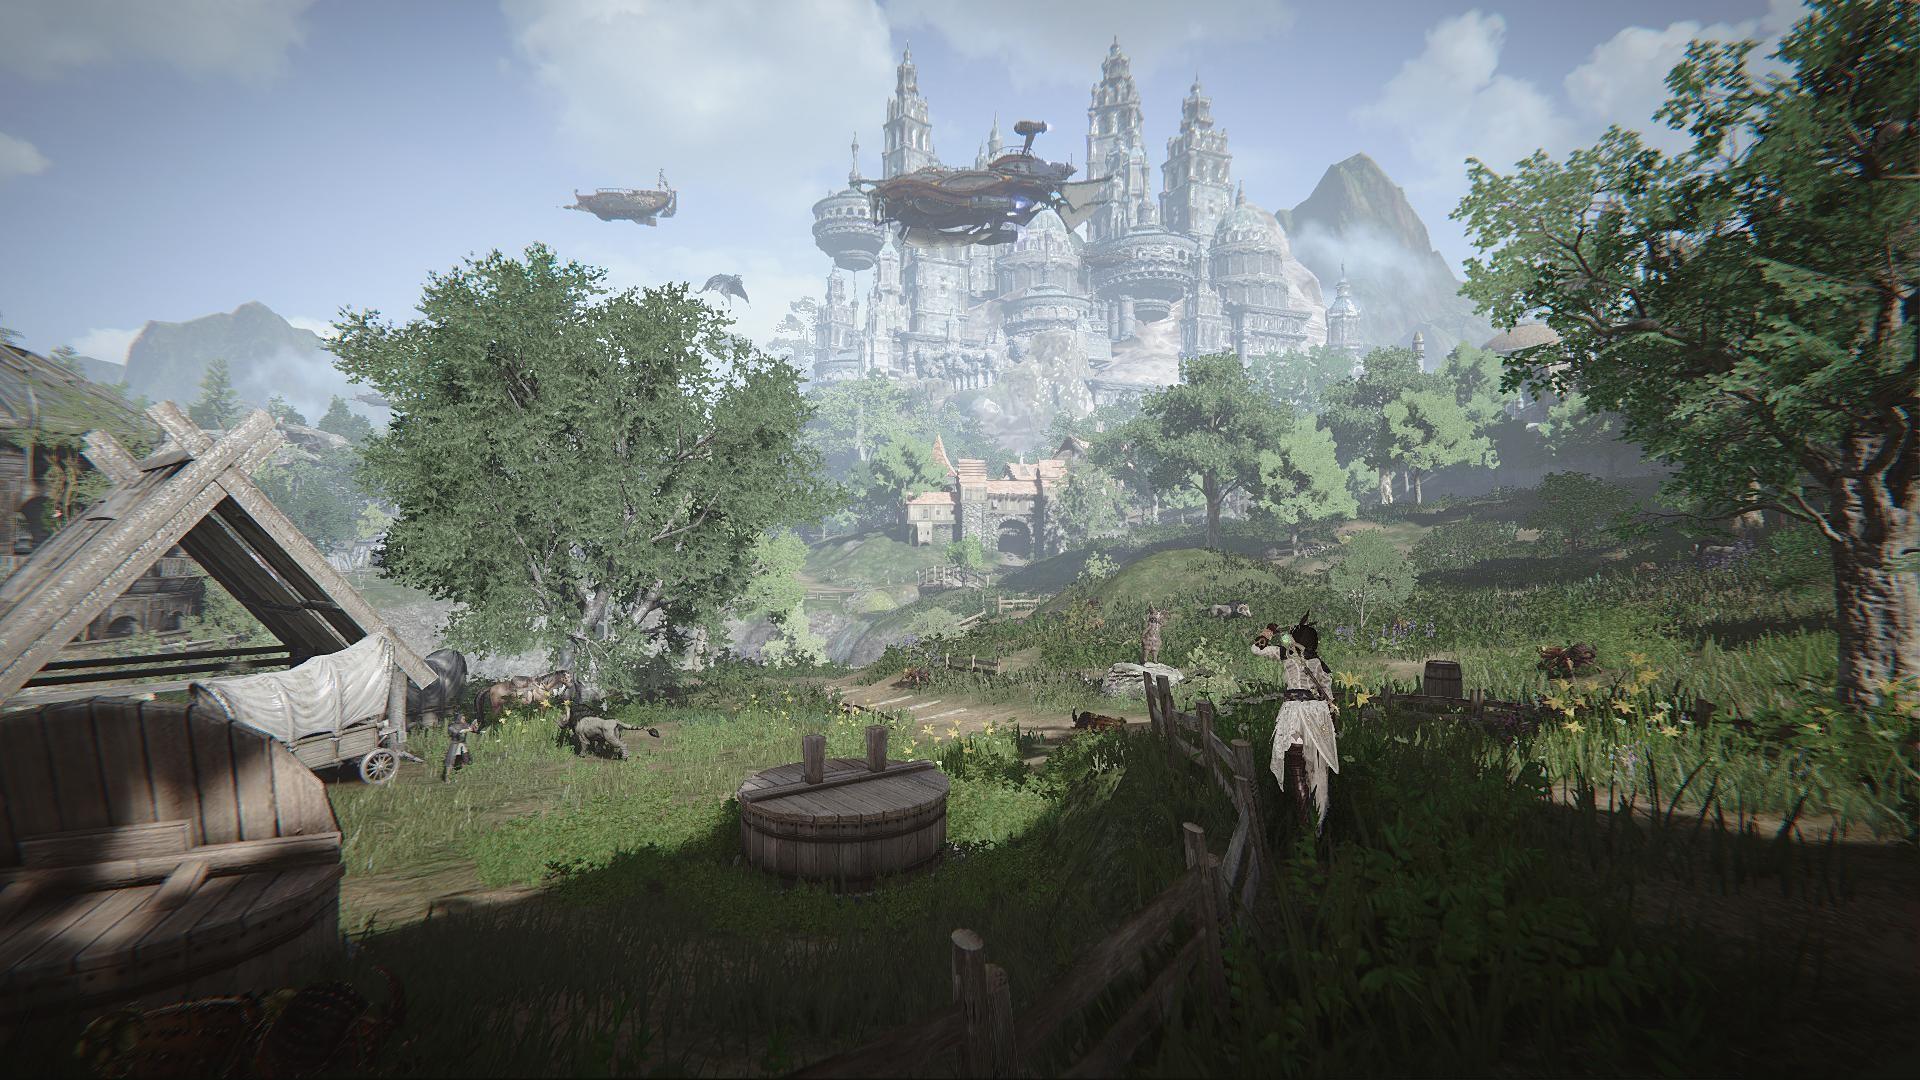 Autoři PUBG chystají novou hru, MMORPG Ascent: Infinite Realm 152520